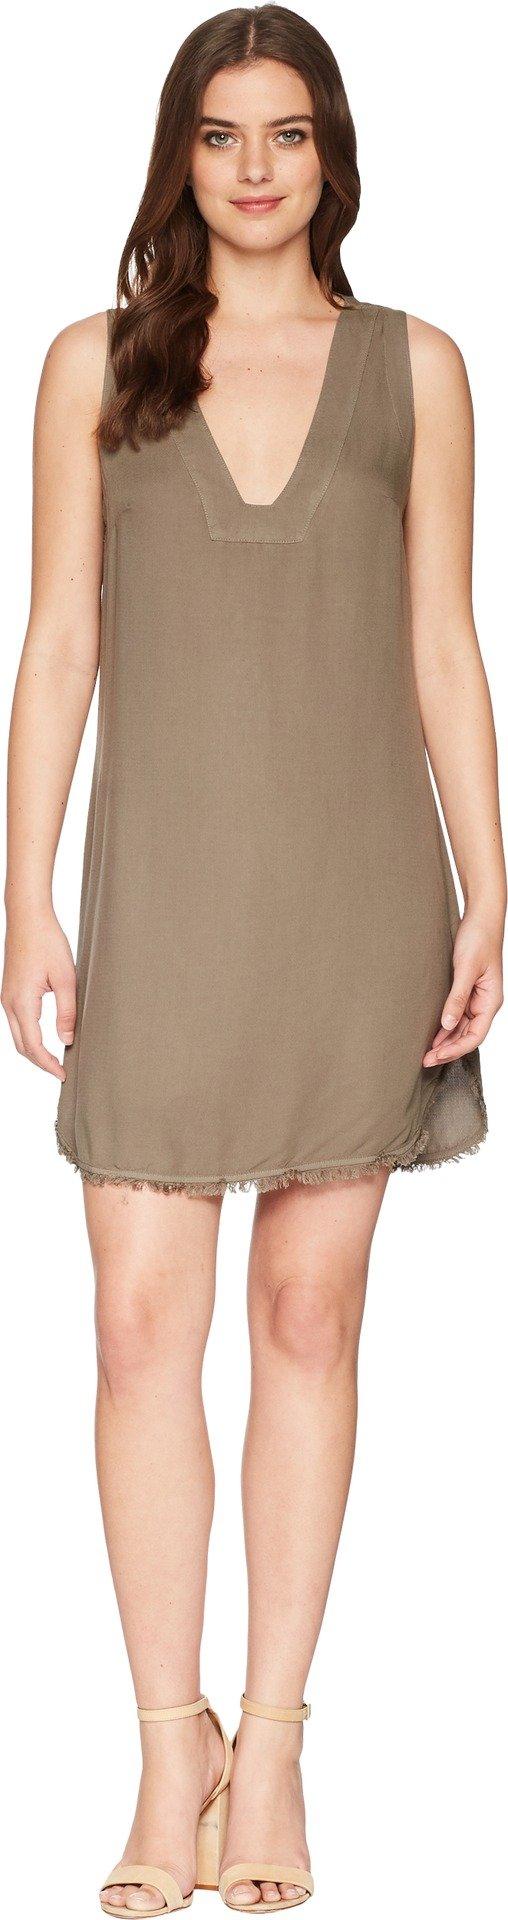 Splendid Women's Vneck Tunic Dress, Military Olive, M